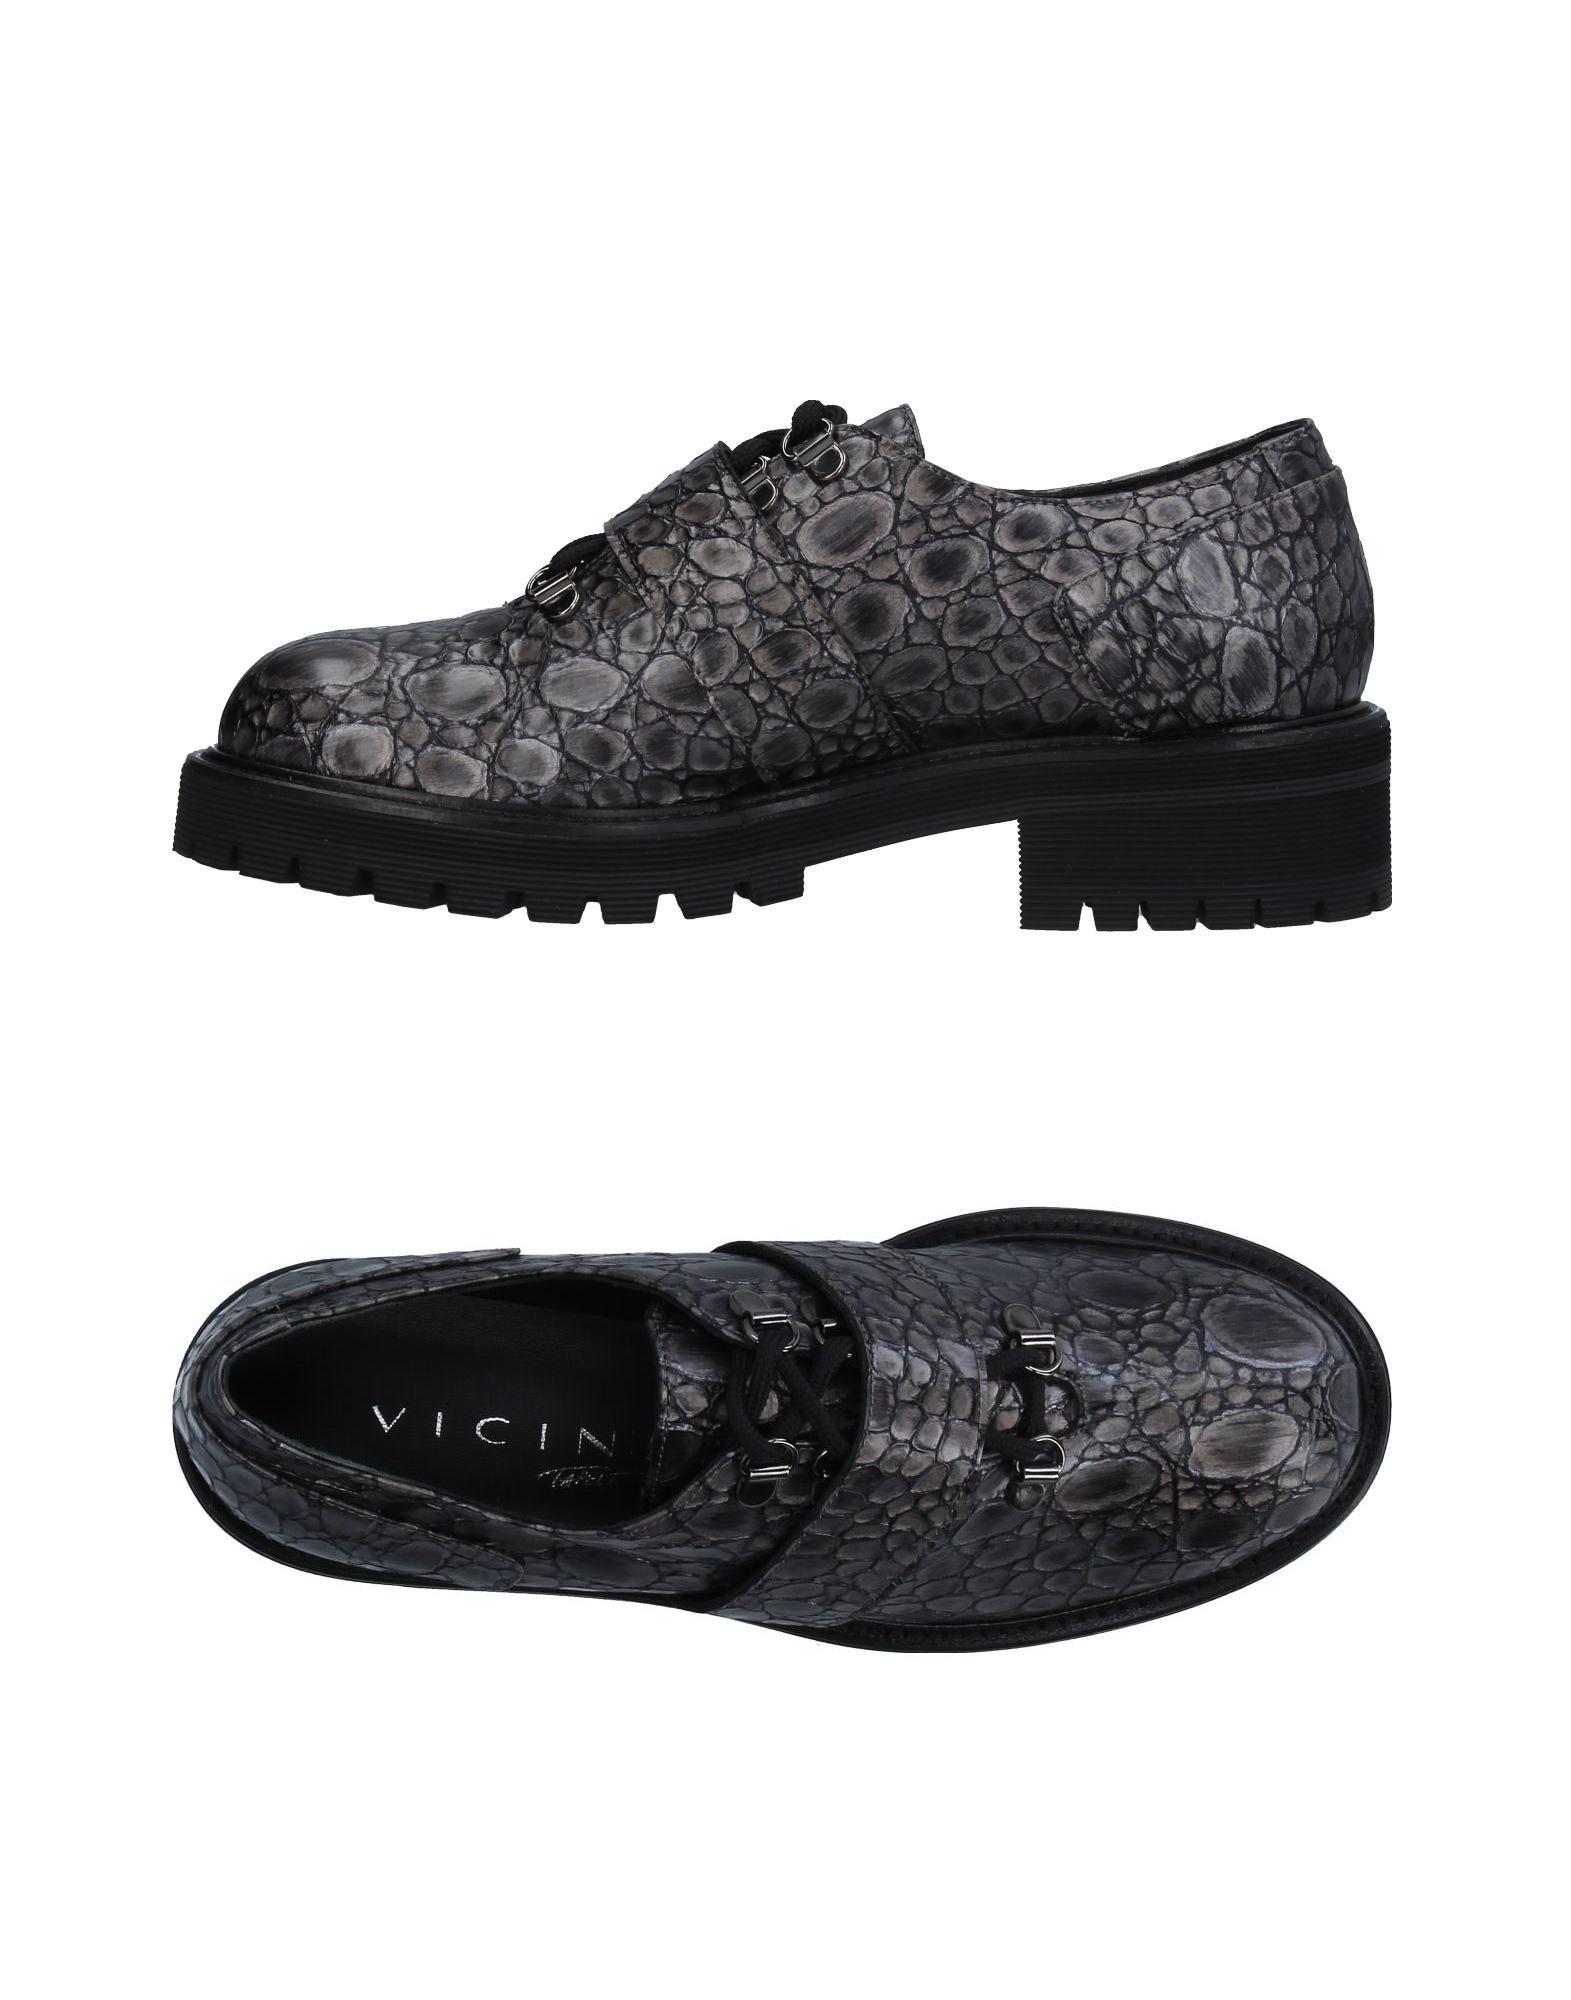 Stilvolle billige Schuhe Damen Vicini Tapeet Schnürschuhe Damen Schuhe  11312319HW dab93a